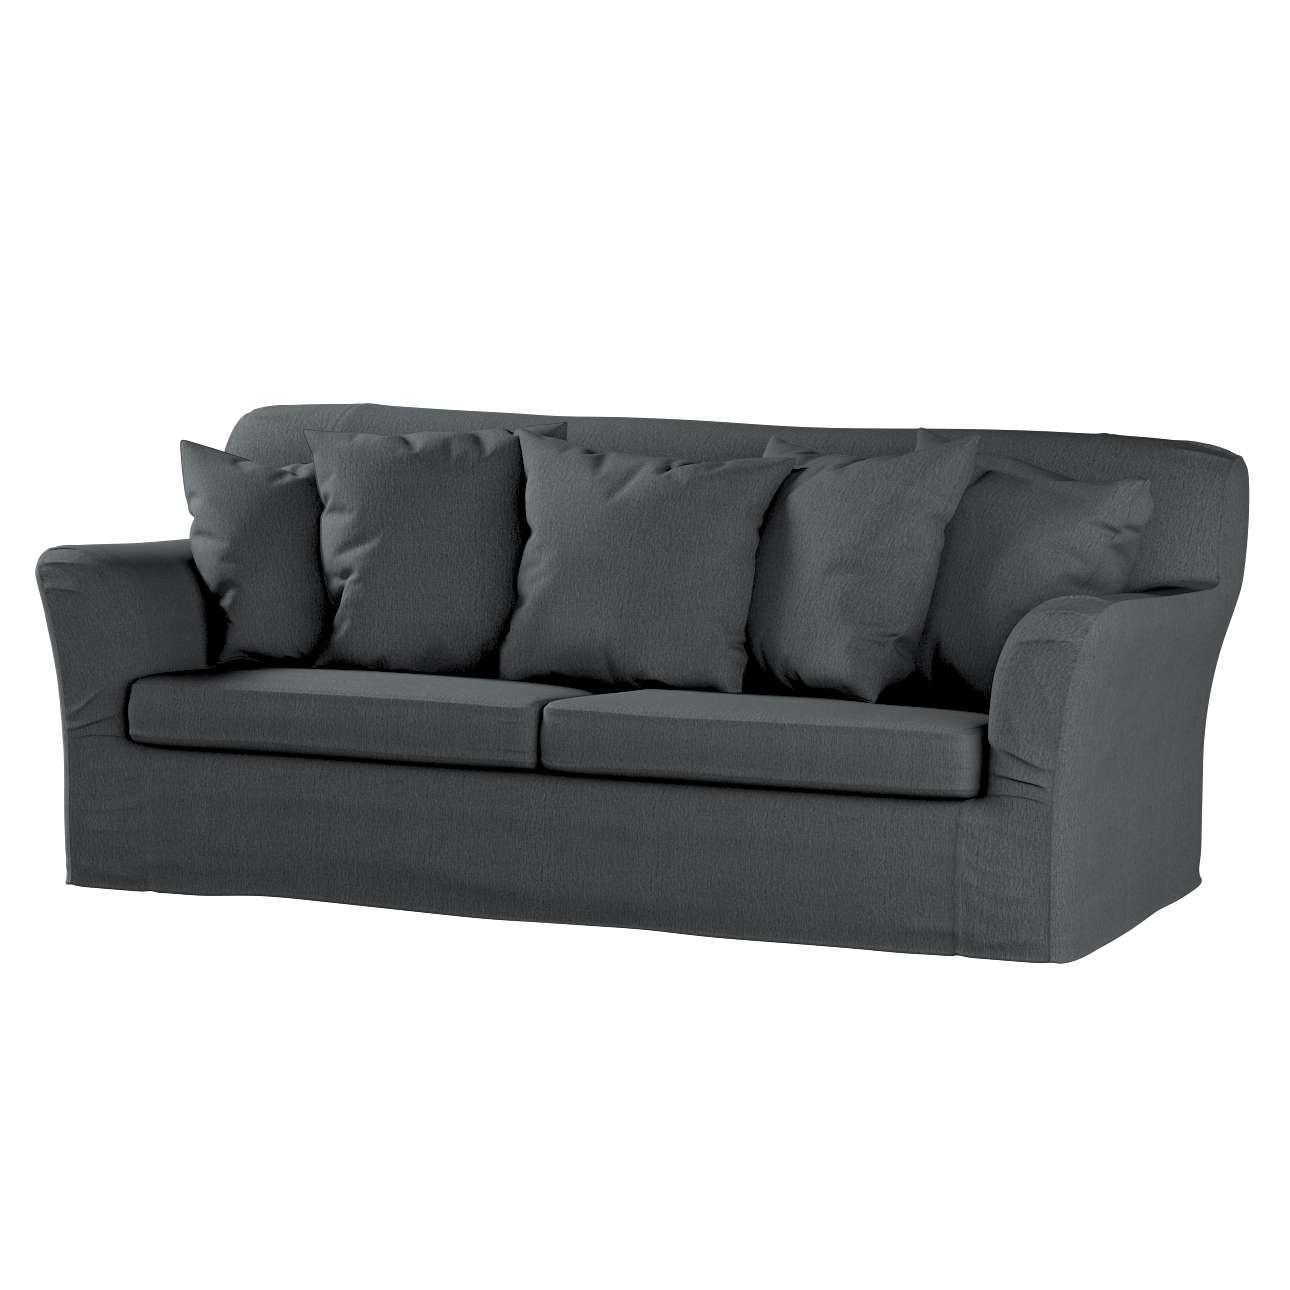 Pokrowiec na sofę Tomelilla rozkładaną Sofa Tomelilla rozkładana w kolekcji Chenille, tkanina: 702-20